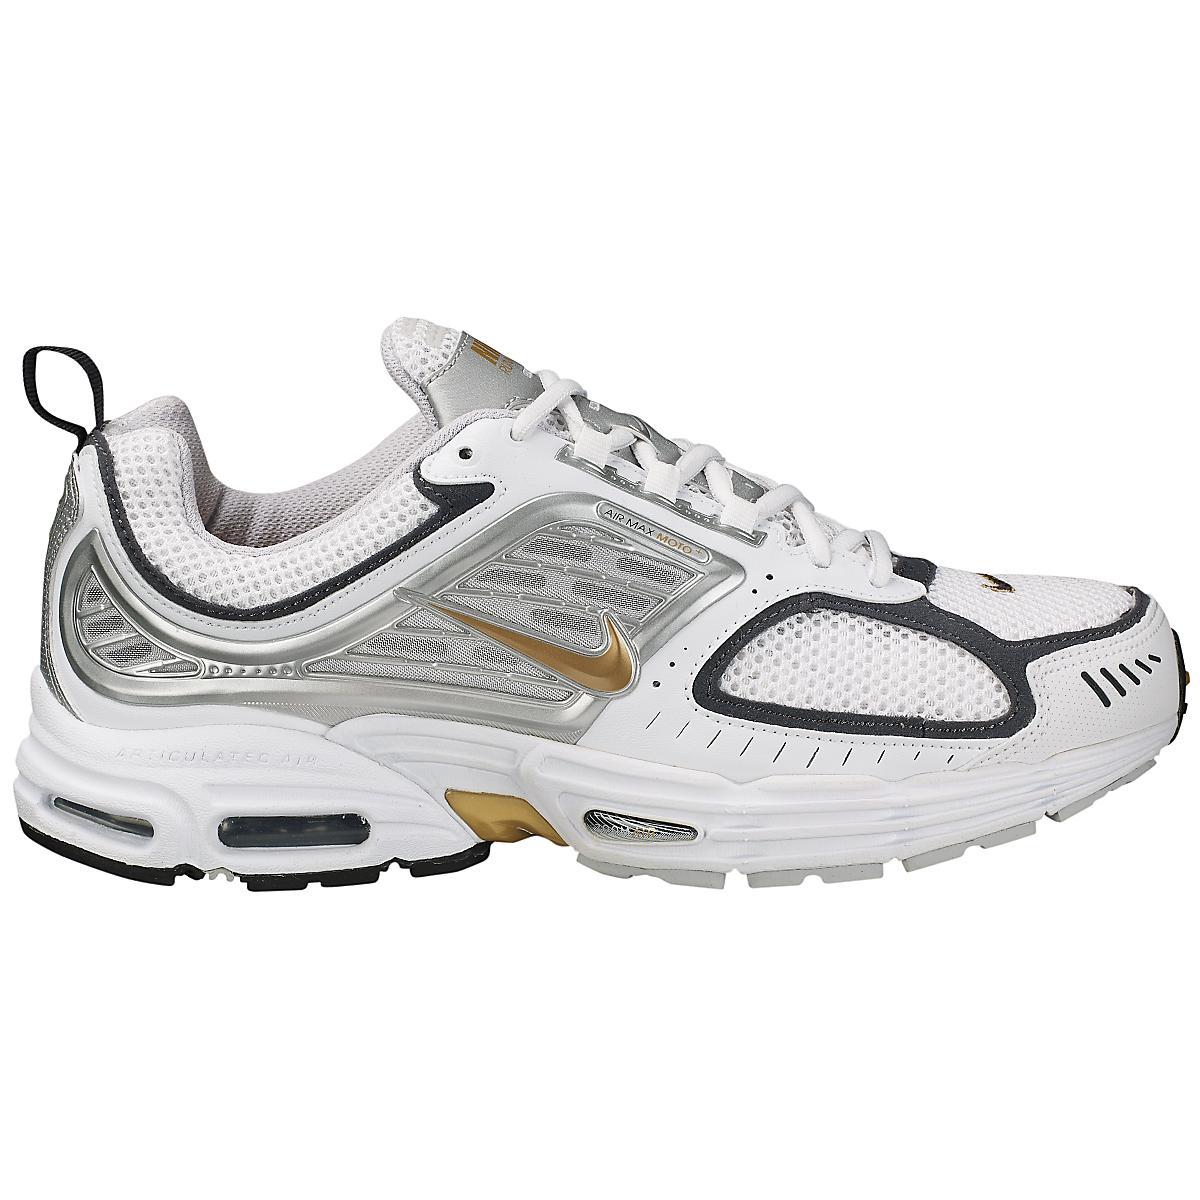 sale retailer 8ba97 78b31 Mens Nike Air Max Moto+ 4 Running Shoe at Road Runner Sports